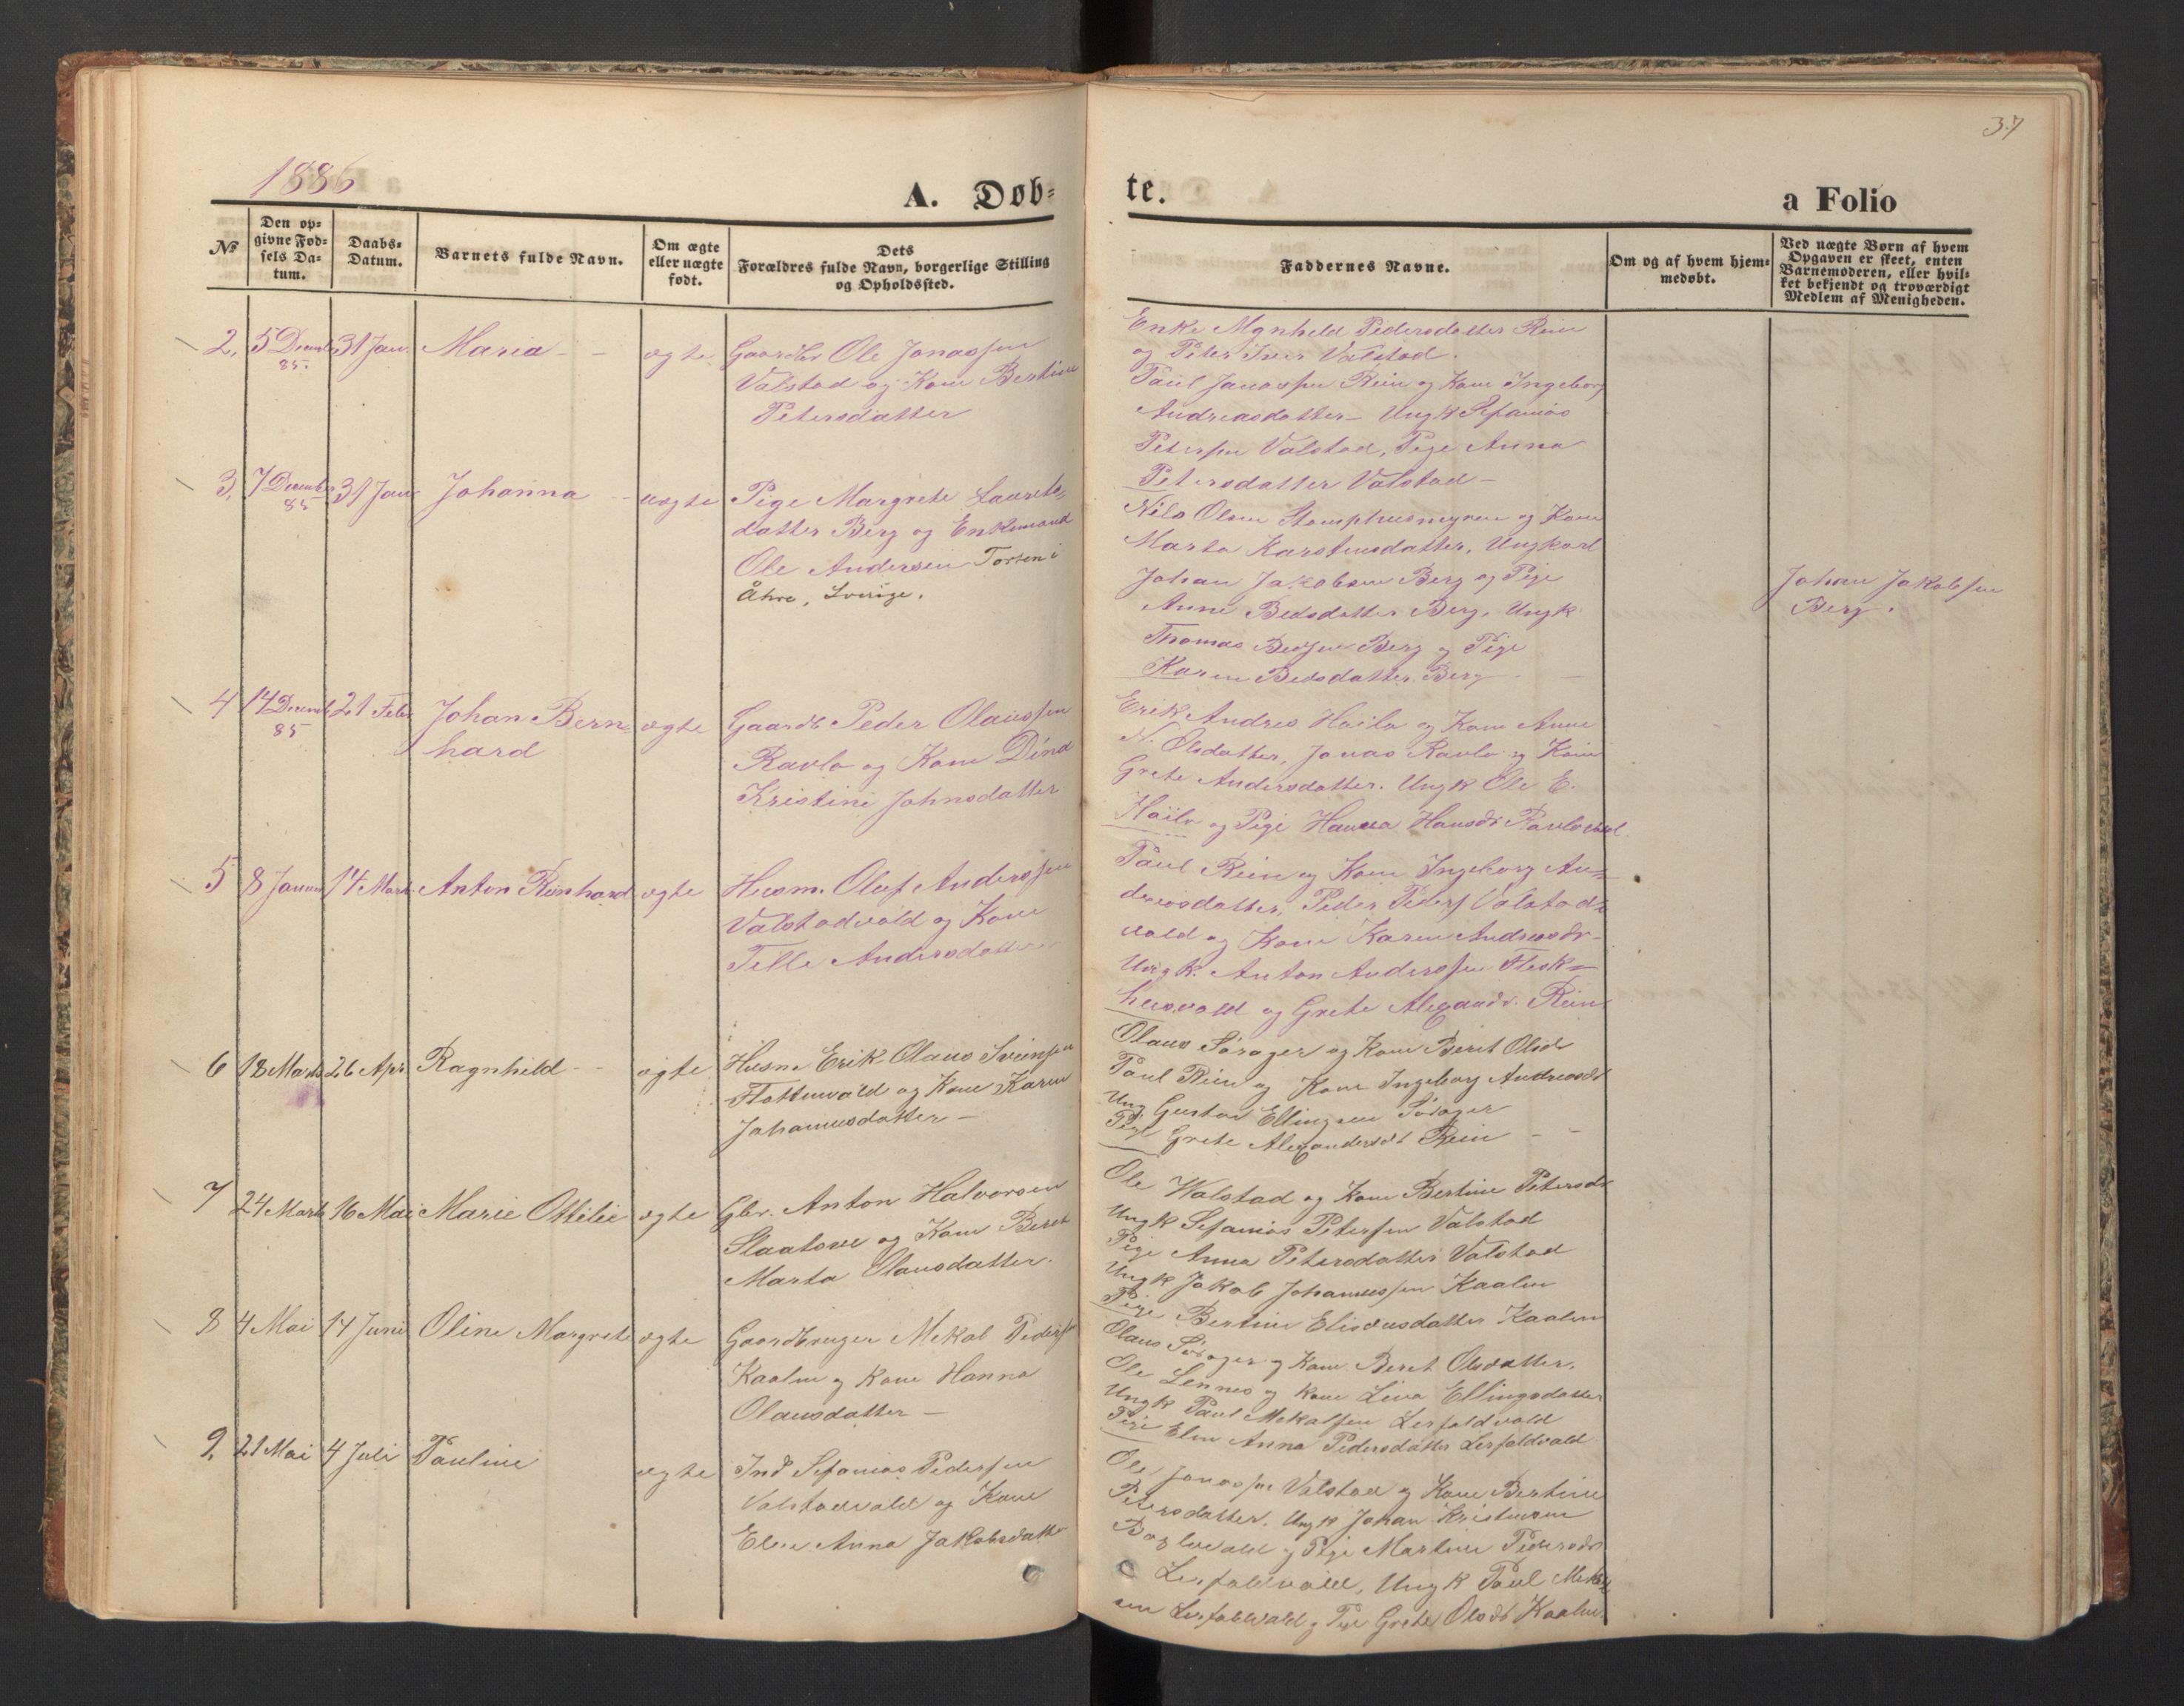 SAT, Ministerialprotokoller, klokkerbøker og fødselsregistre - Nord-Trøndelag, 726/L0271: Klokkerbok nr. 726C02, 1869-1897, s. 37